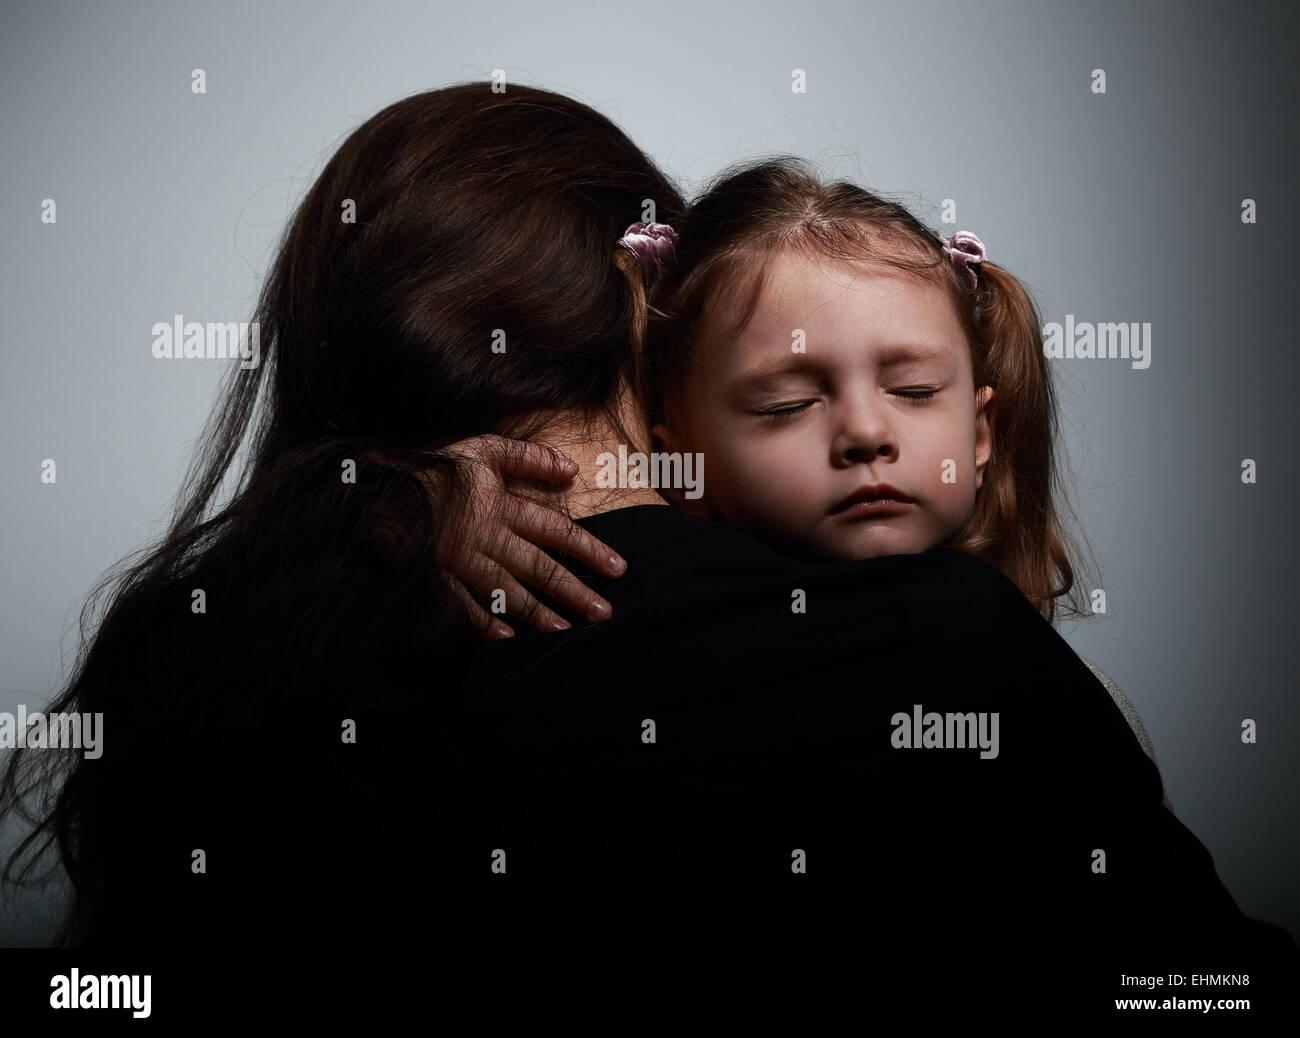 Traurig weinende Tochter umarmt ihre Mutter mit traurigen Gesicht auf dunkle Schatten Hintergrund Stockbild